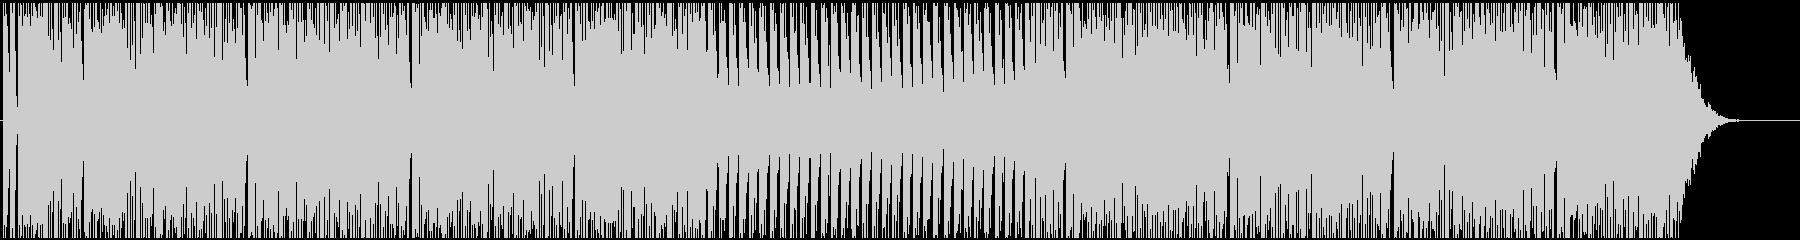 ダンスしたくなる短いパラパラユーロビートの未再生の波形